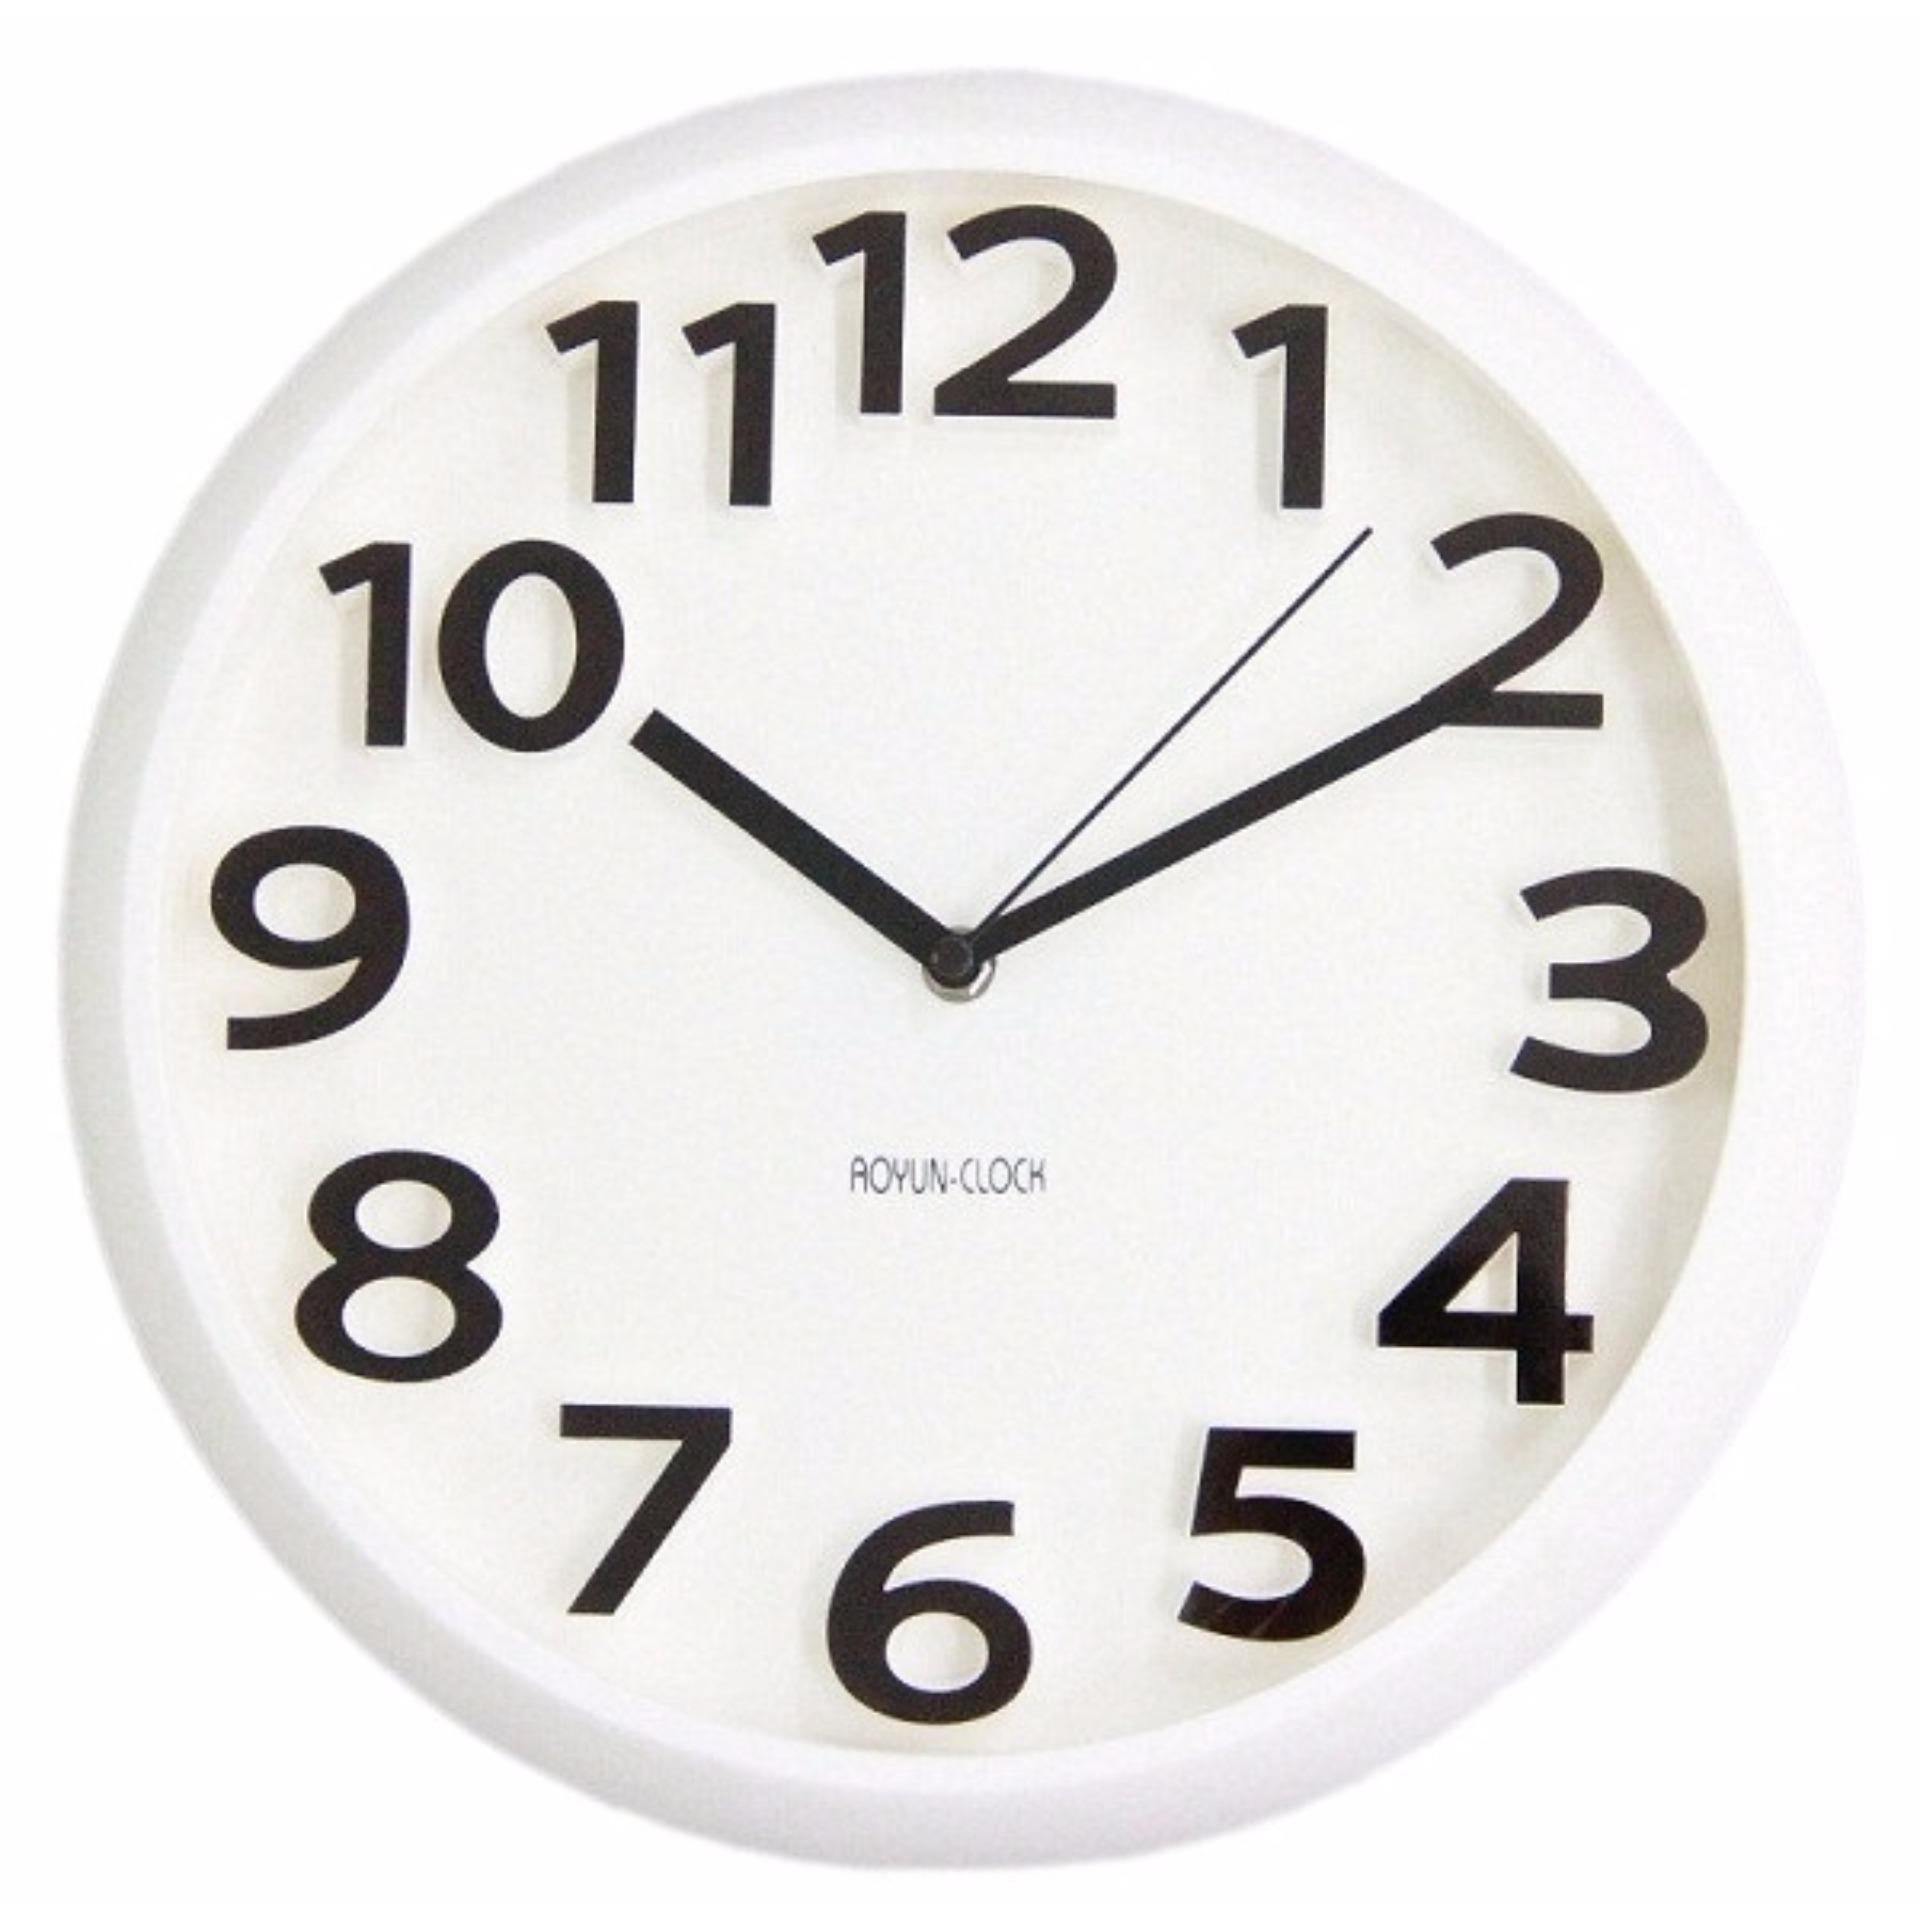 Mẫu sản phẩm Đồng hồ treo tường kim trôi chuyên dụng cao cấp Aoyun Clock ( Trắng )